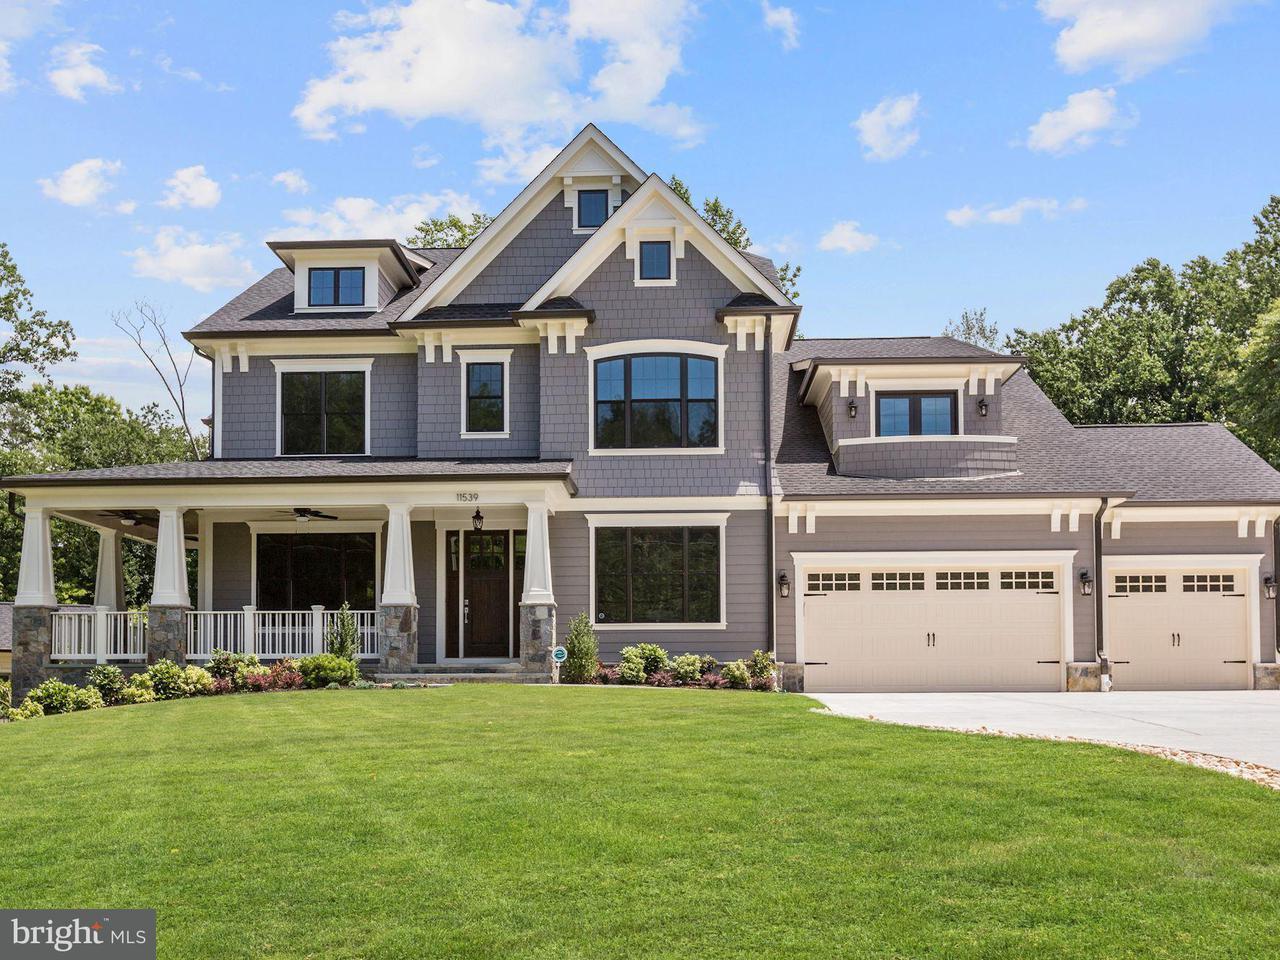 Einfamilienhaus für Verkauf beim 11539 CUSHMAN Road 11539 CUSHMAN Road Rockville, Maryland 20852 Vereinigte Staaten